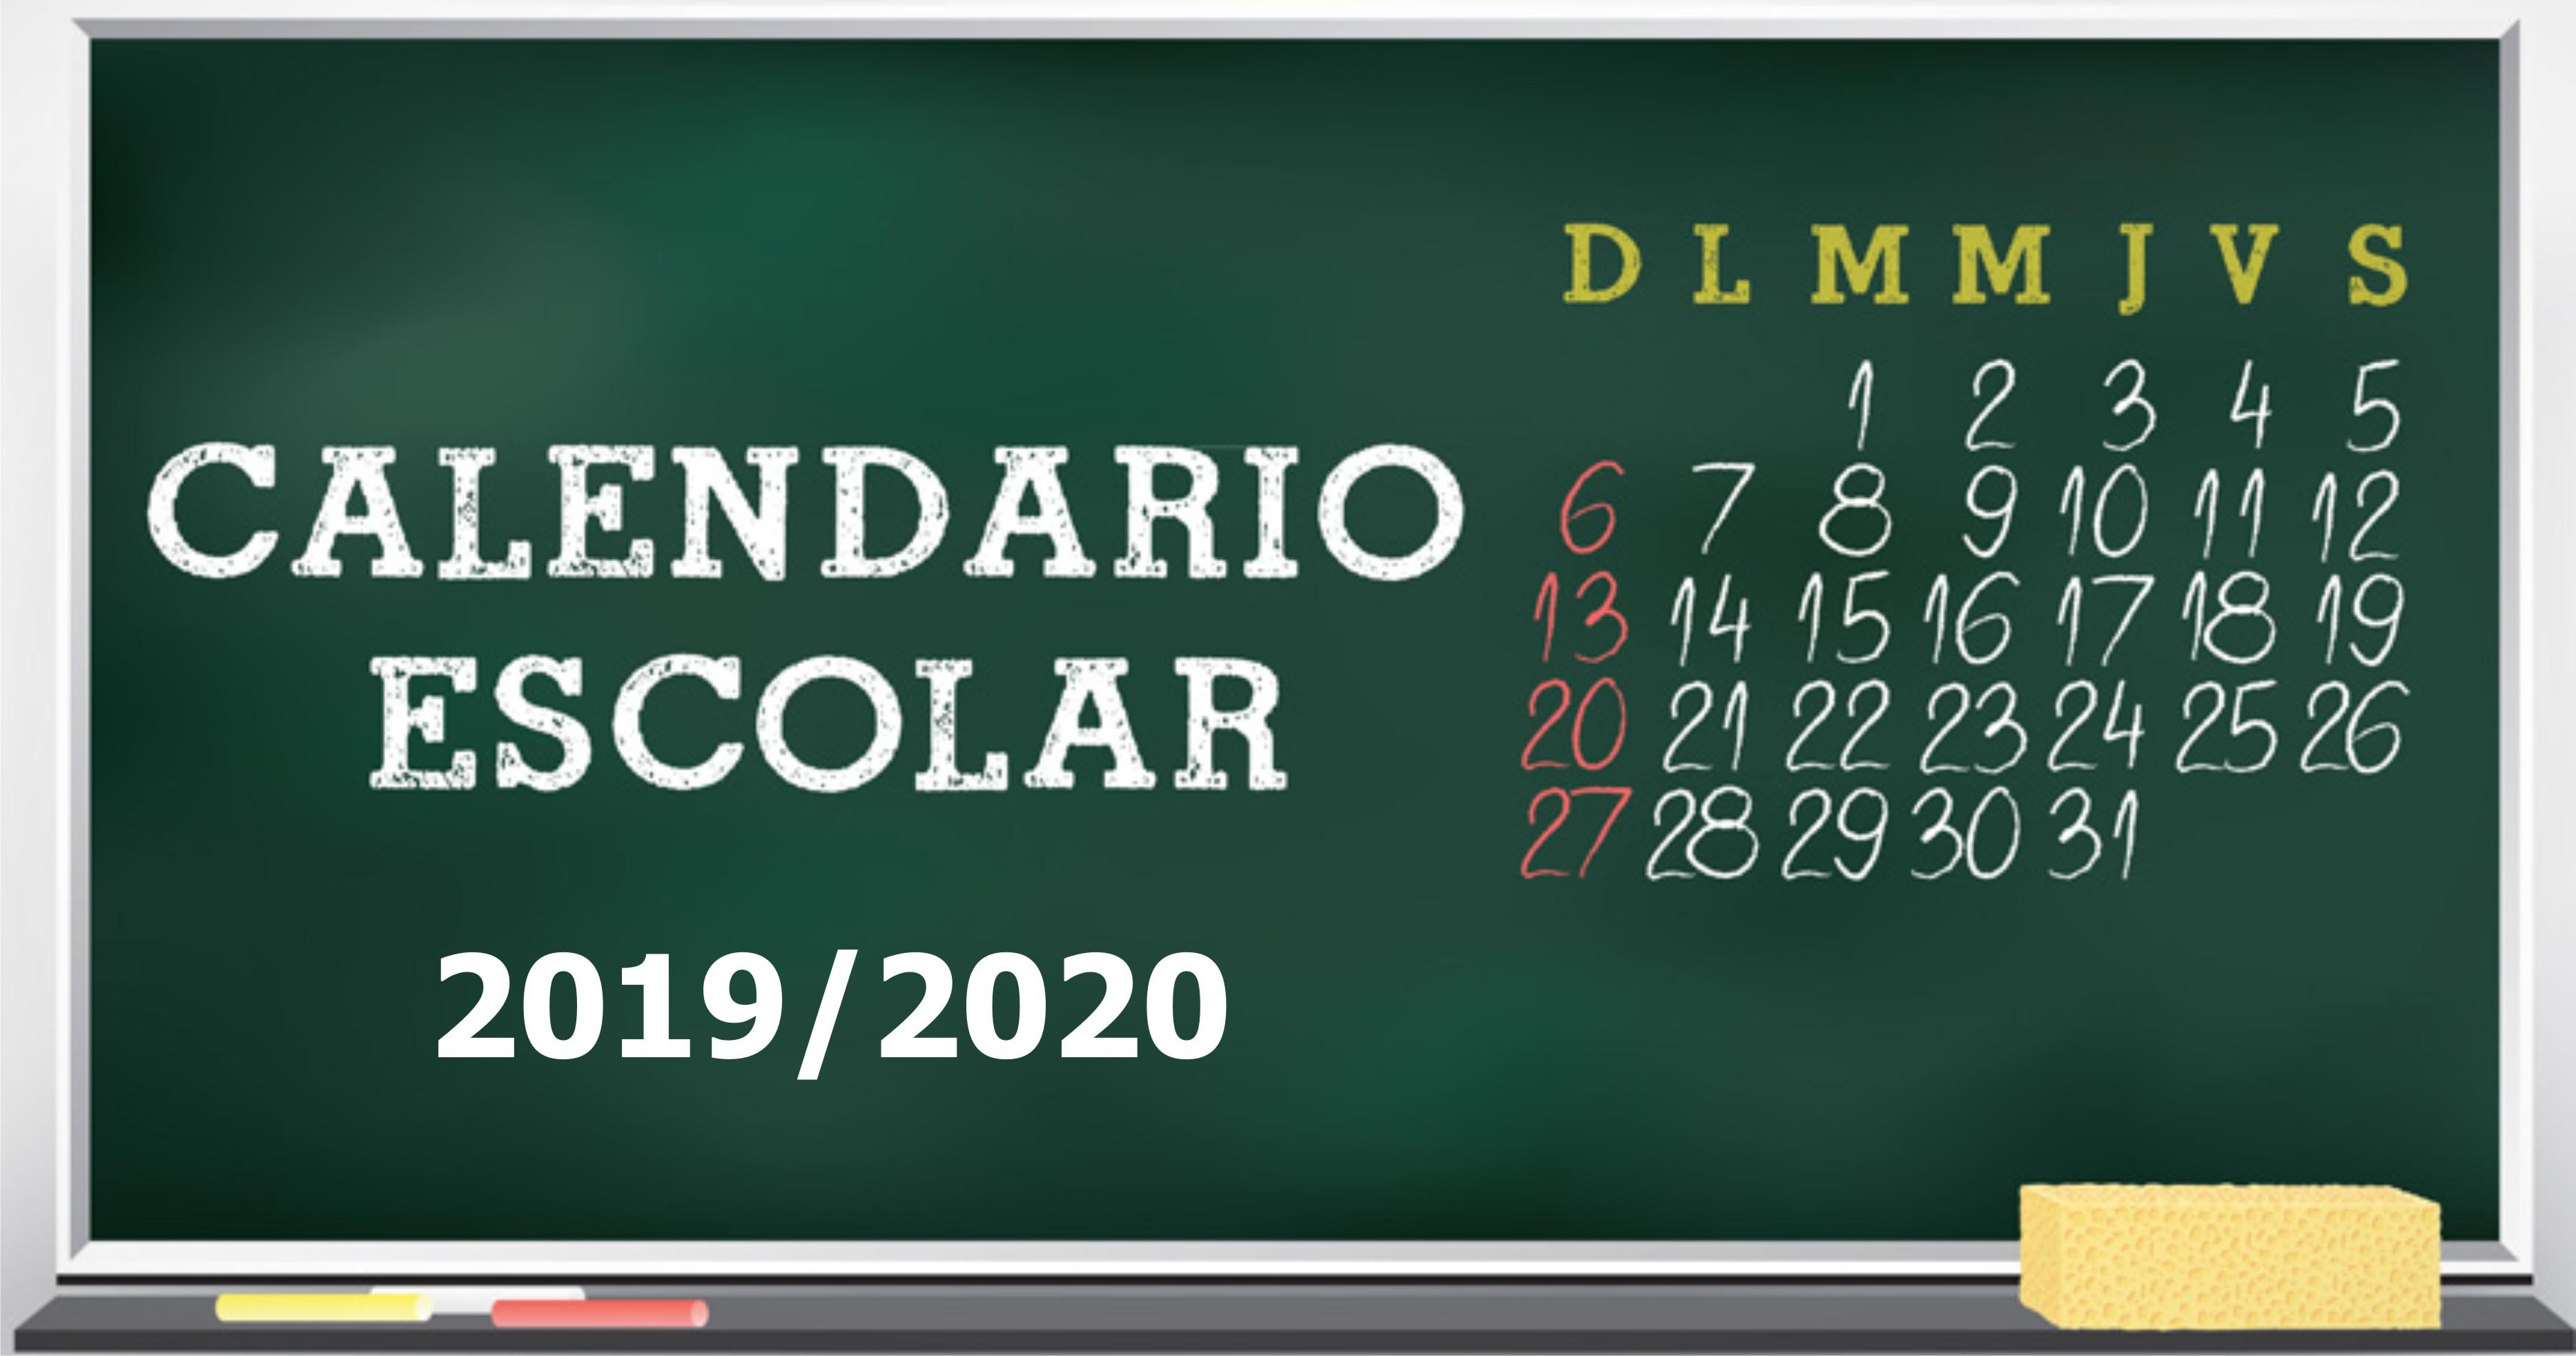 Calendario Escolar 2020 19 Almeria.Ies Alhamilla Almeria Web Del Ies Alhamilla